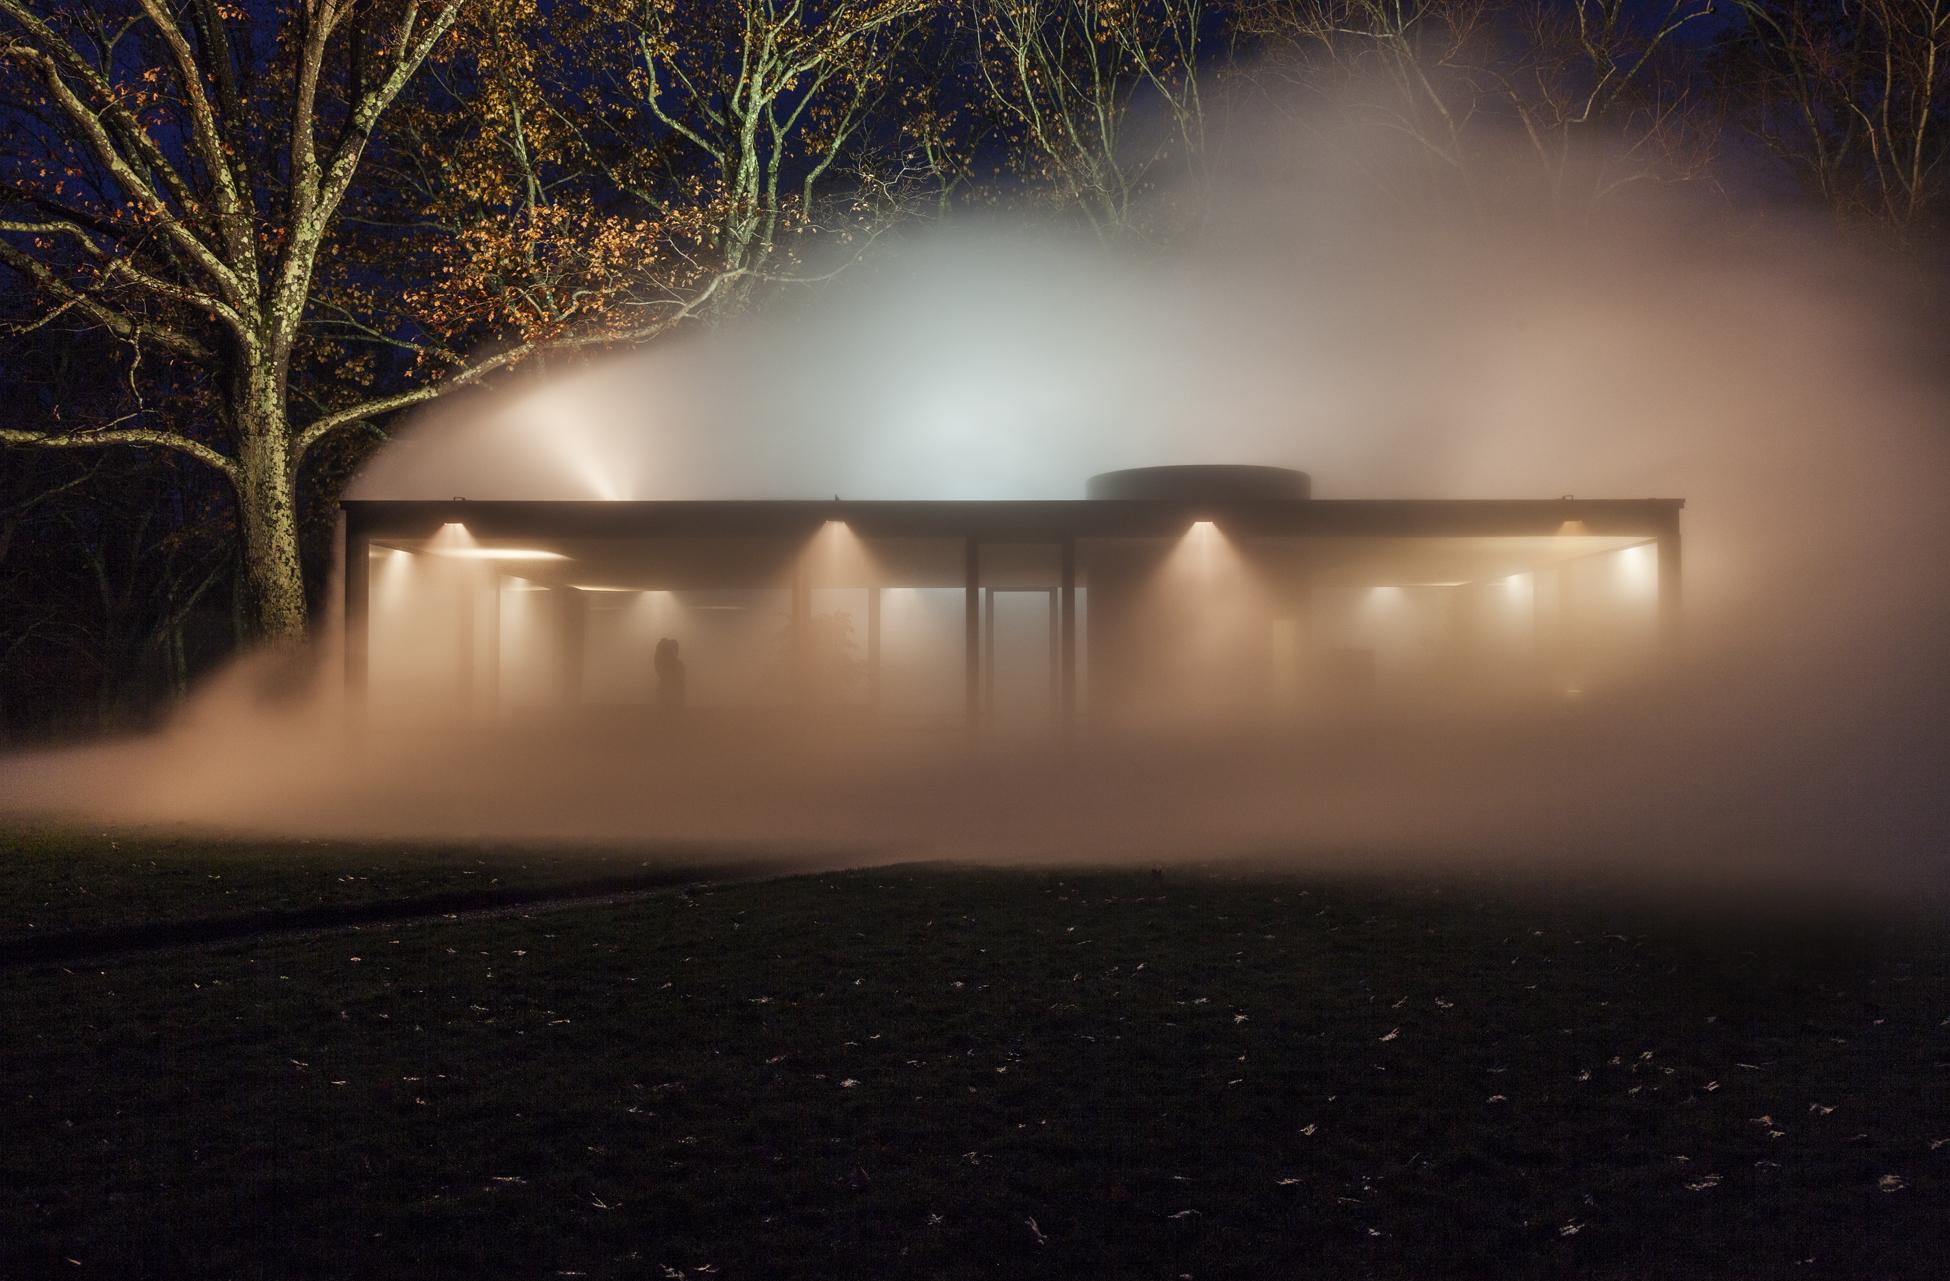 GlassHouse_Fog_1269.jpg